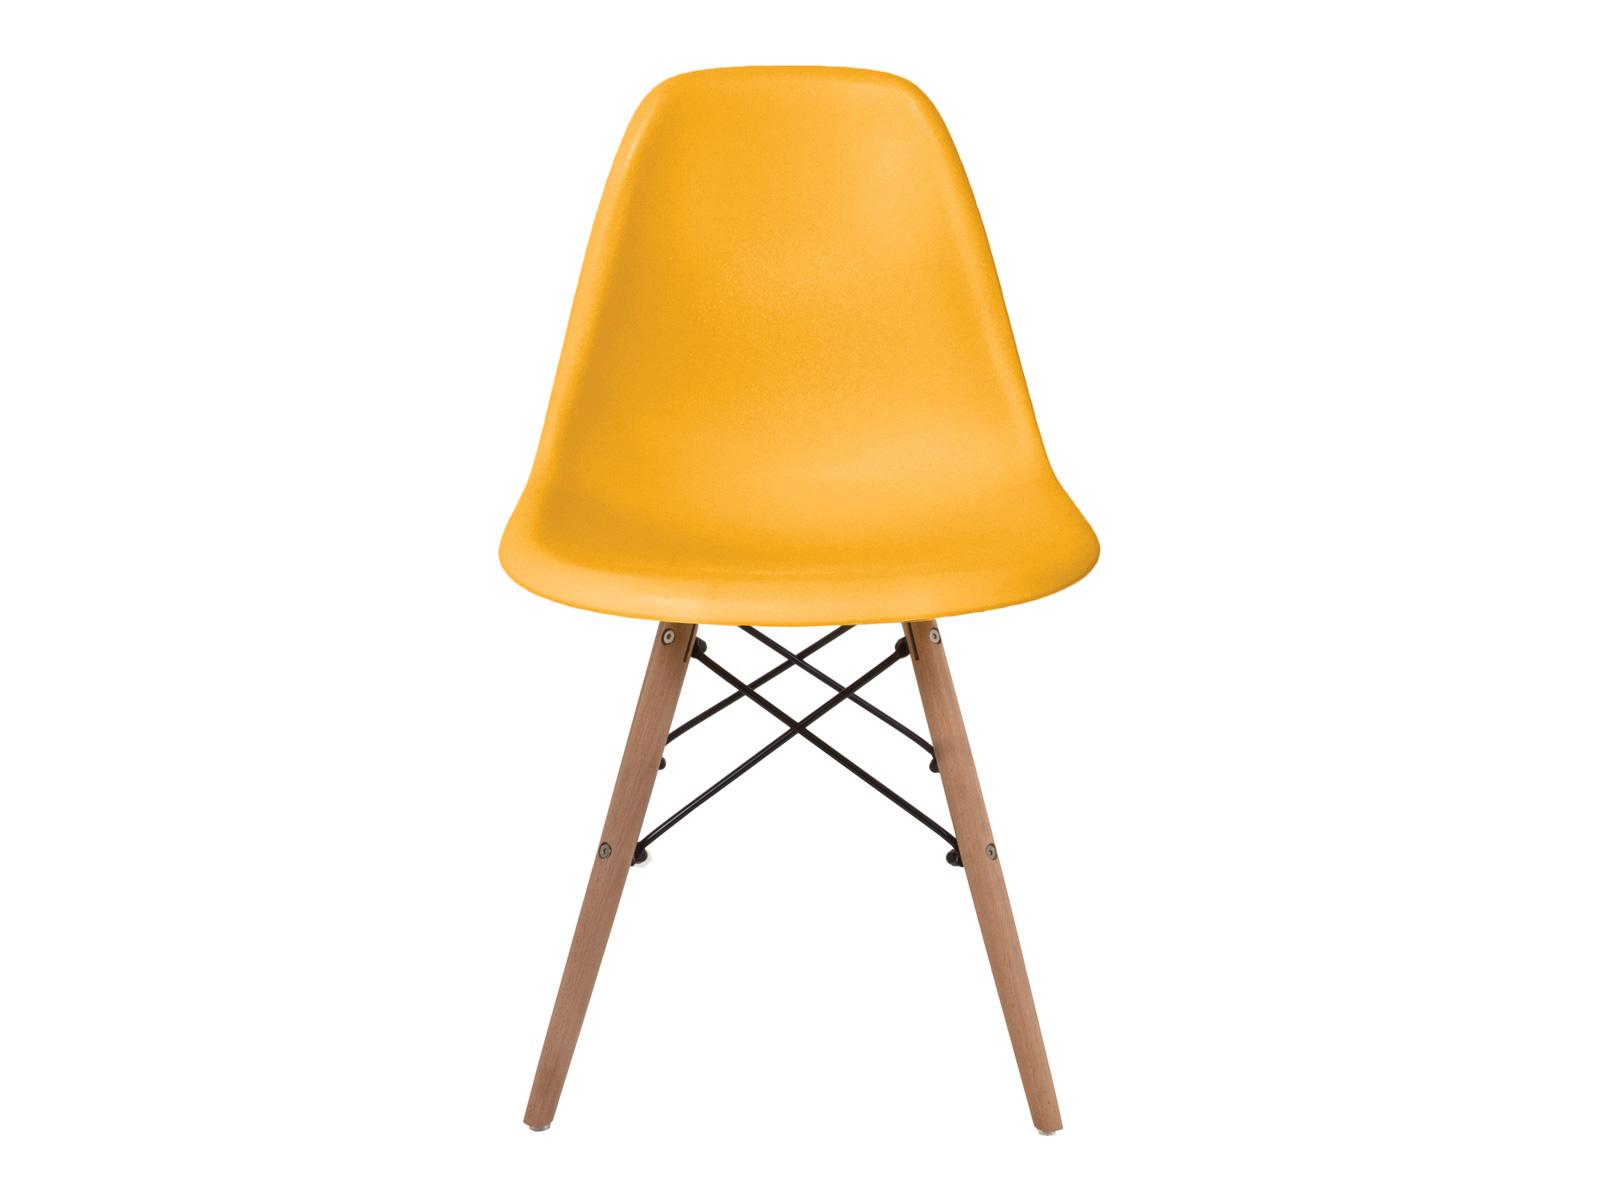 Стул FrankОбеденные стулья<br>В нашей полосе порой так не хватает солнечного света. Не беда! Это кресло - настоящее солнце на ножках. Яркий насыщенный желтый цвет и деревянные ножки напомнят о радостных июльских днях, когда ночь практически не наступает, и согреет вас своей положительной энергетикой!<br><br>Material: Пластик<br>Ширина см: 46<br>Высота см: 82<br>Глубина см: 44